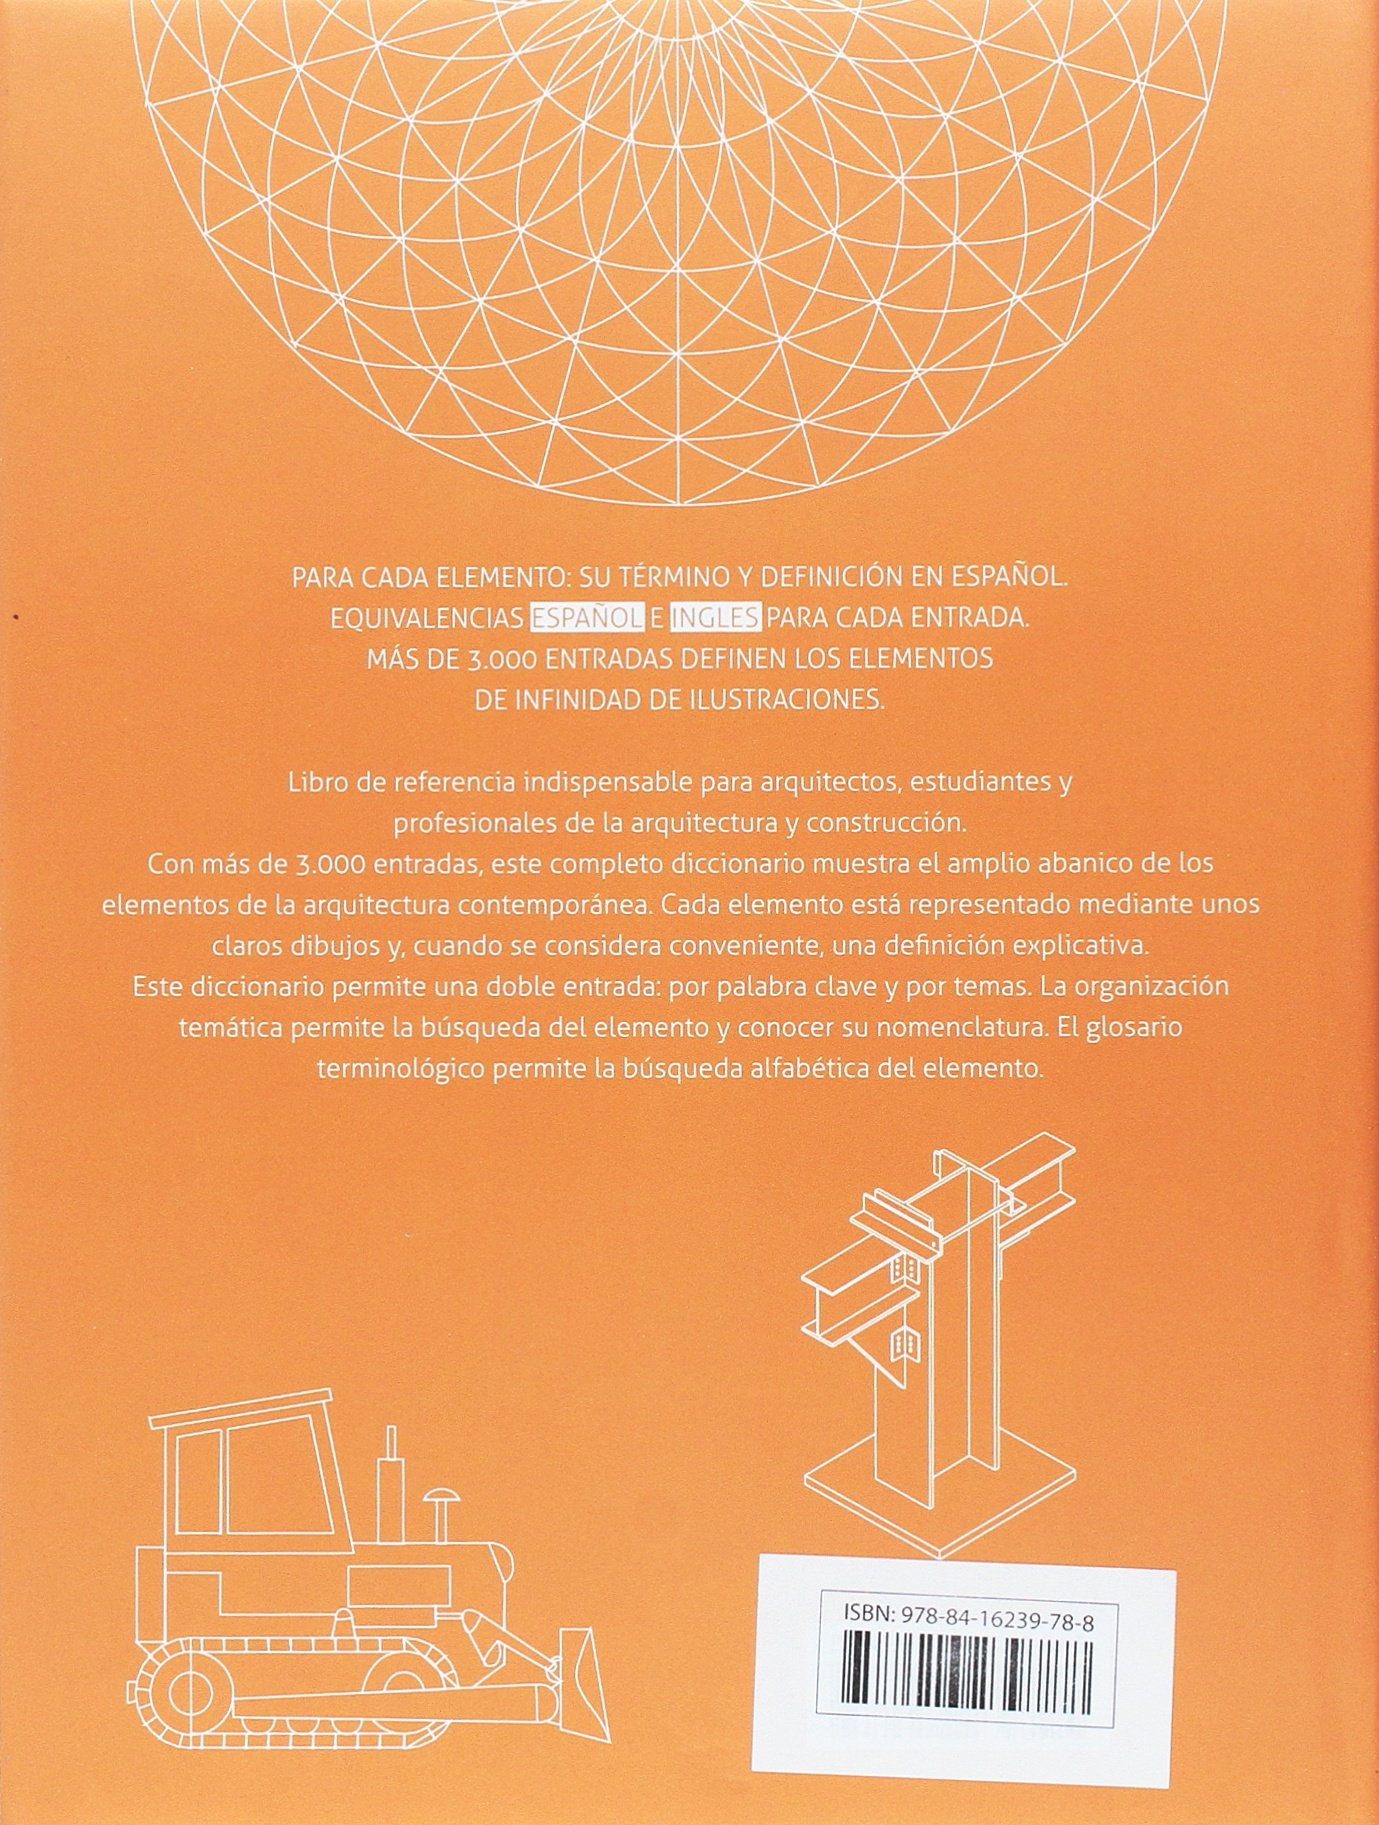 Diccionario visual arquitectura y construcción: CARLES BROTO COMERMA: 9788416239788: Amazon.com: Books